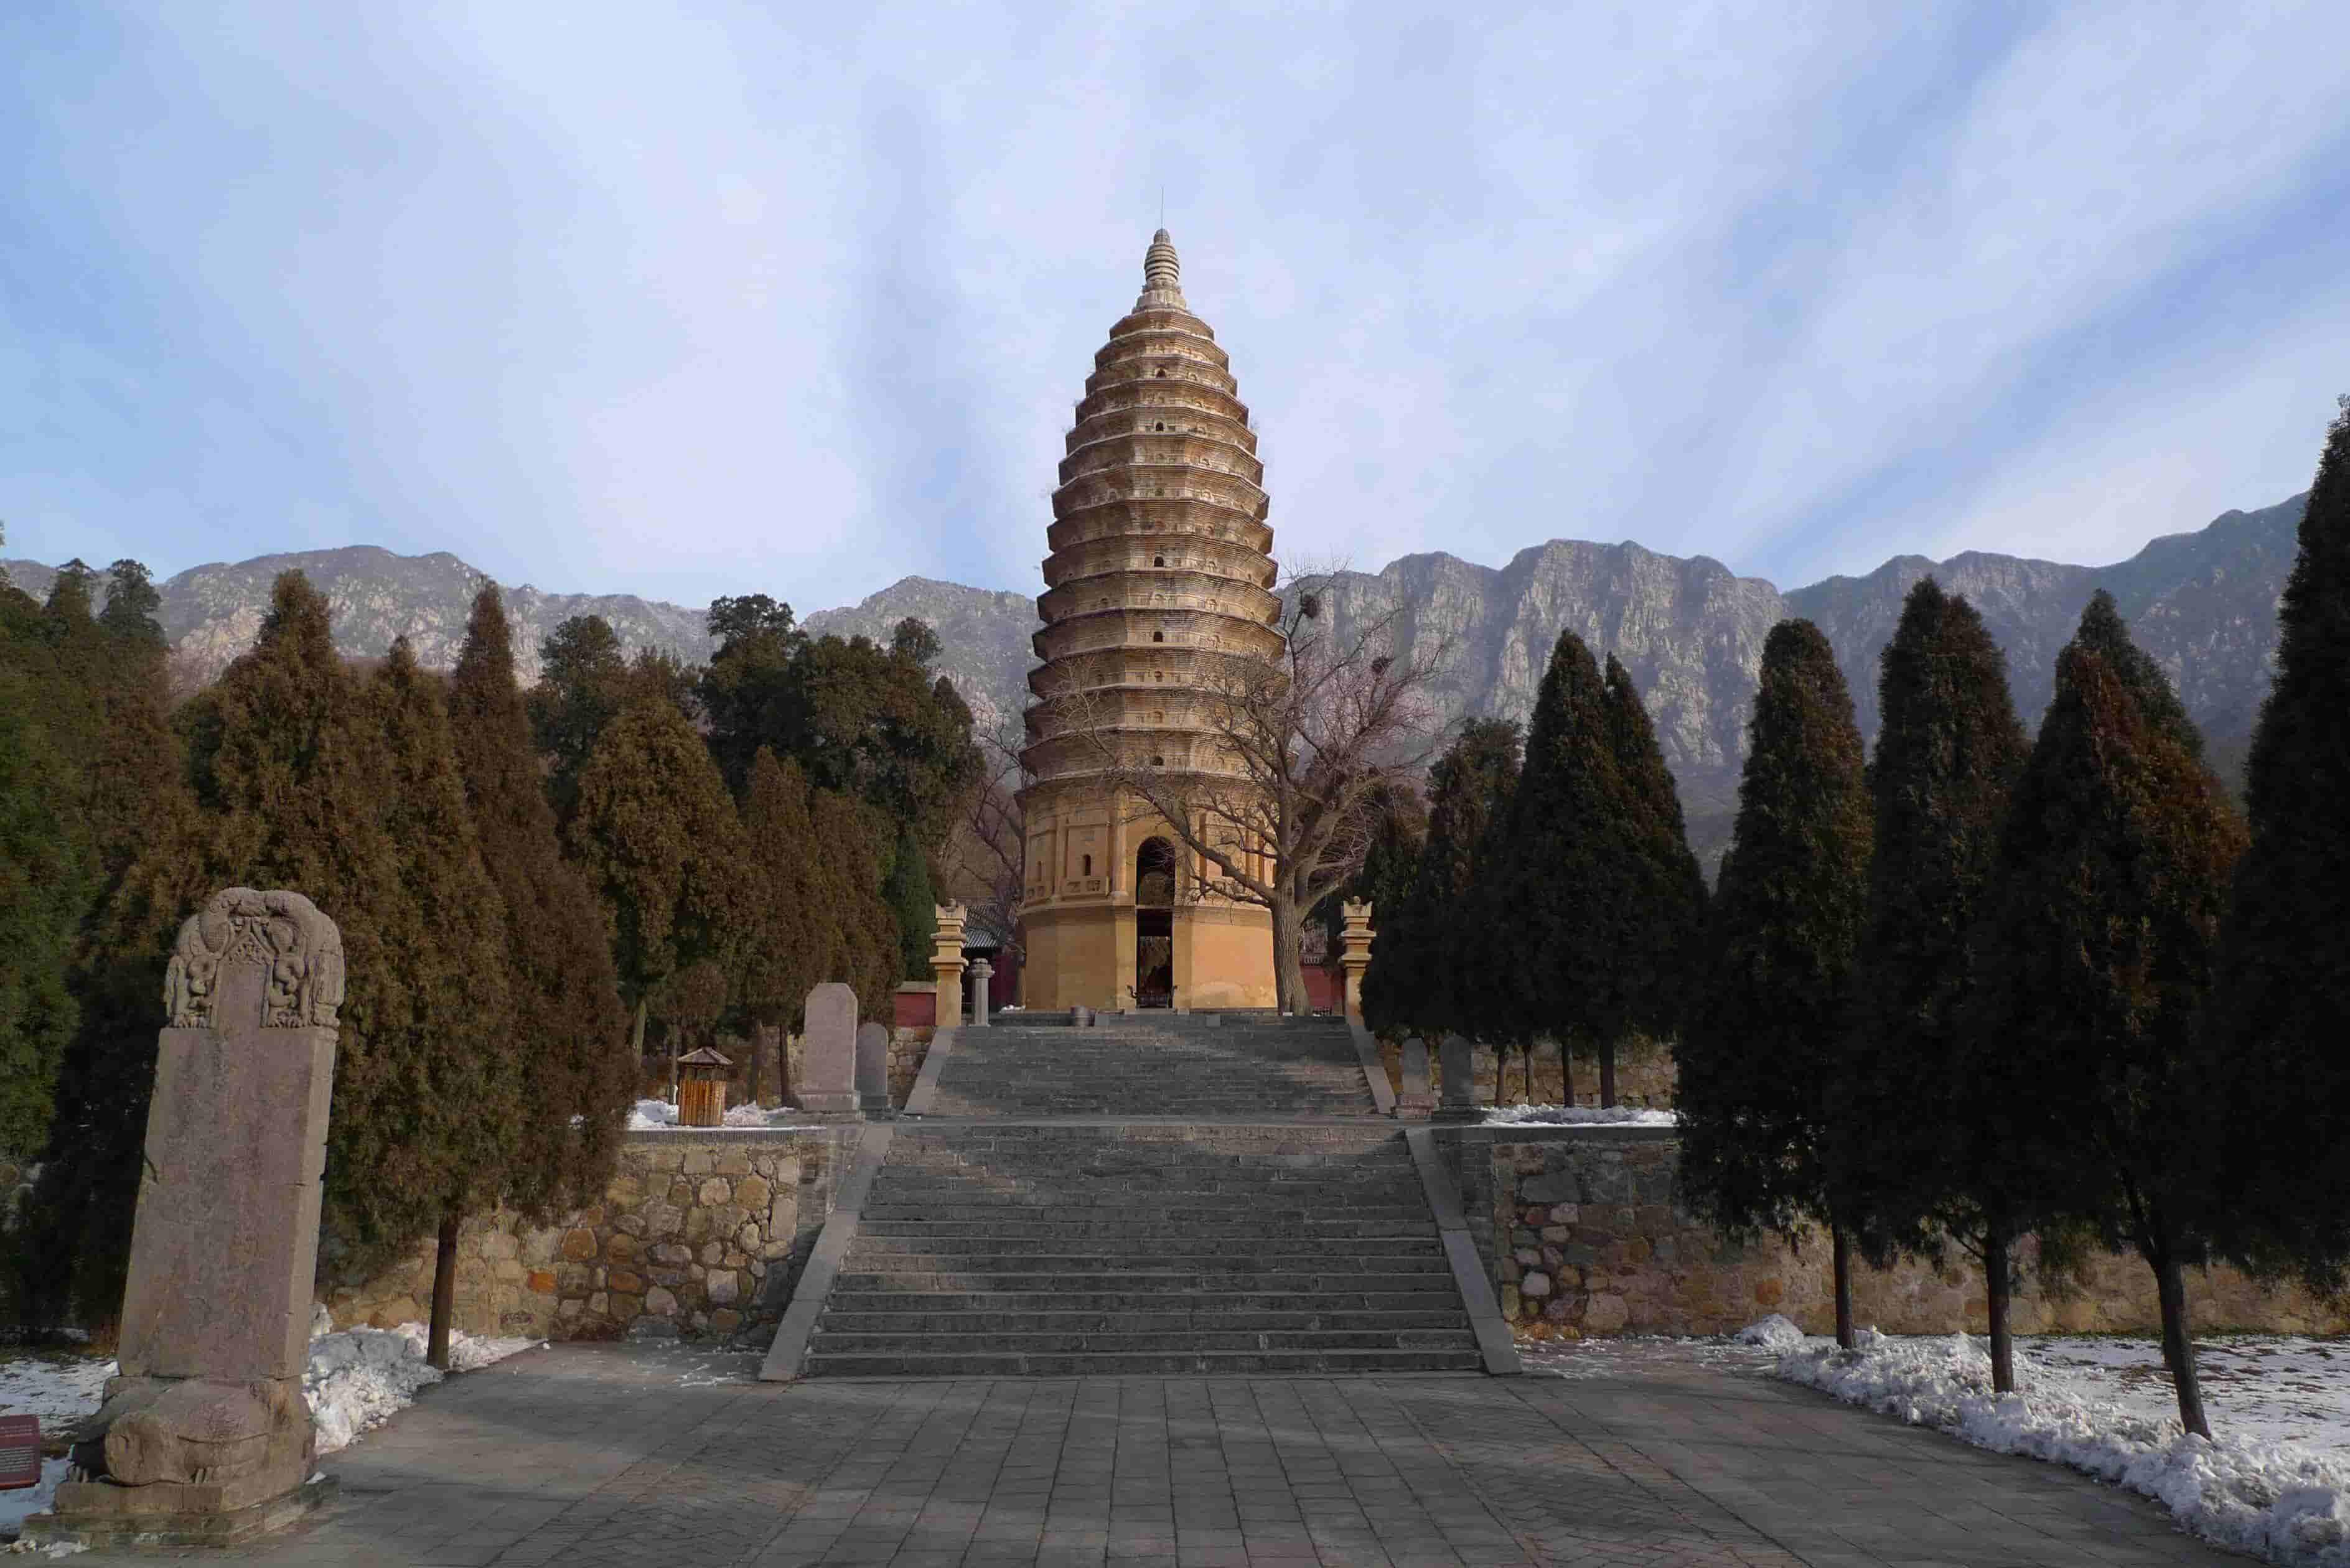 Songyue Pagoda